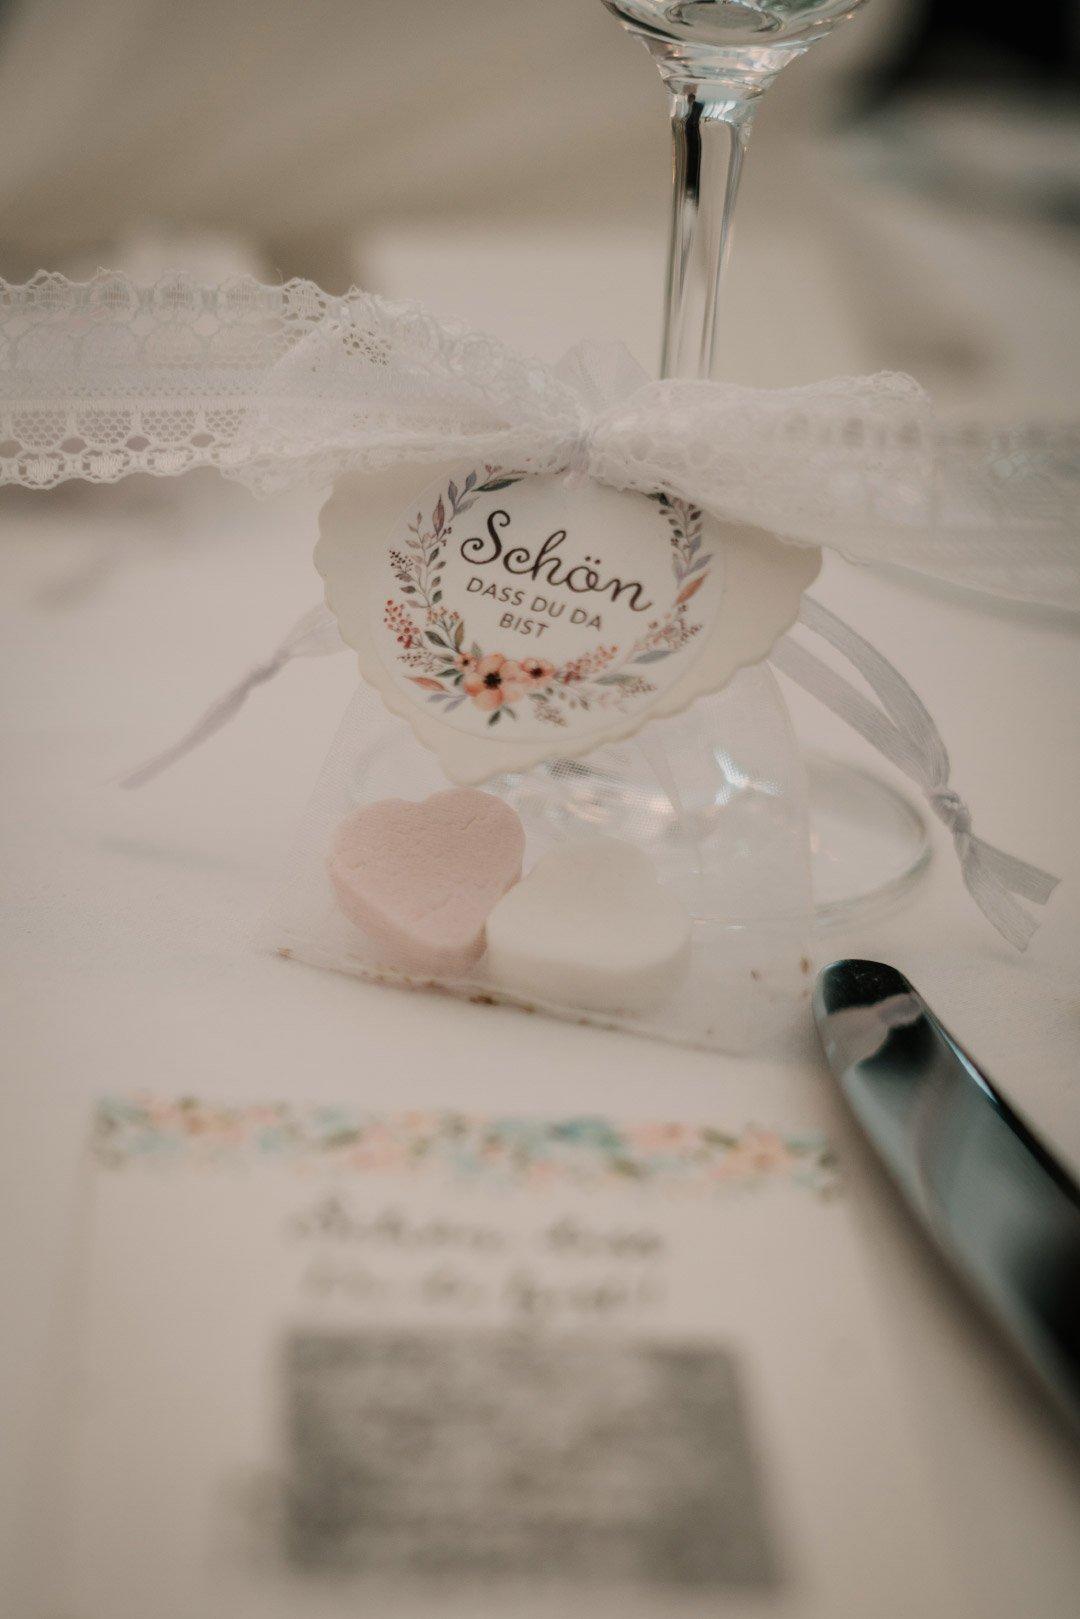 Gastgeschenk in einer Tüte bei der Hochzeit